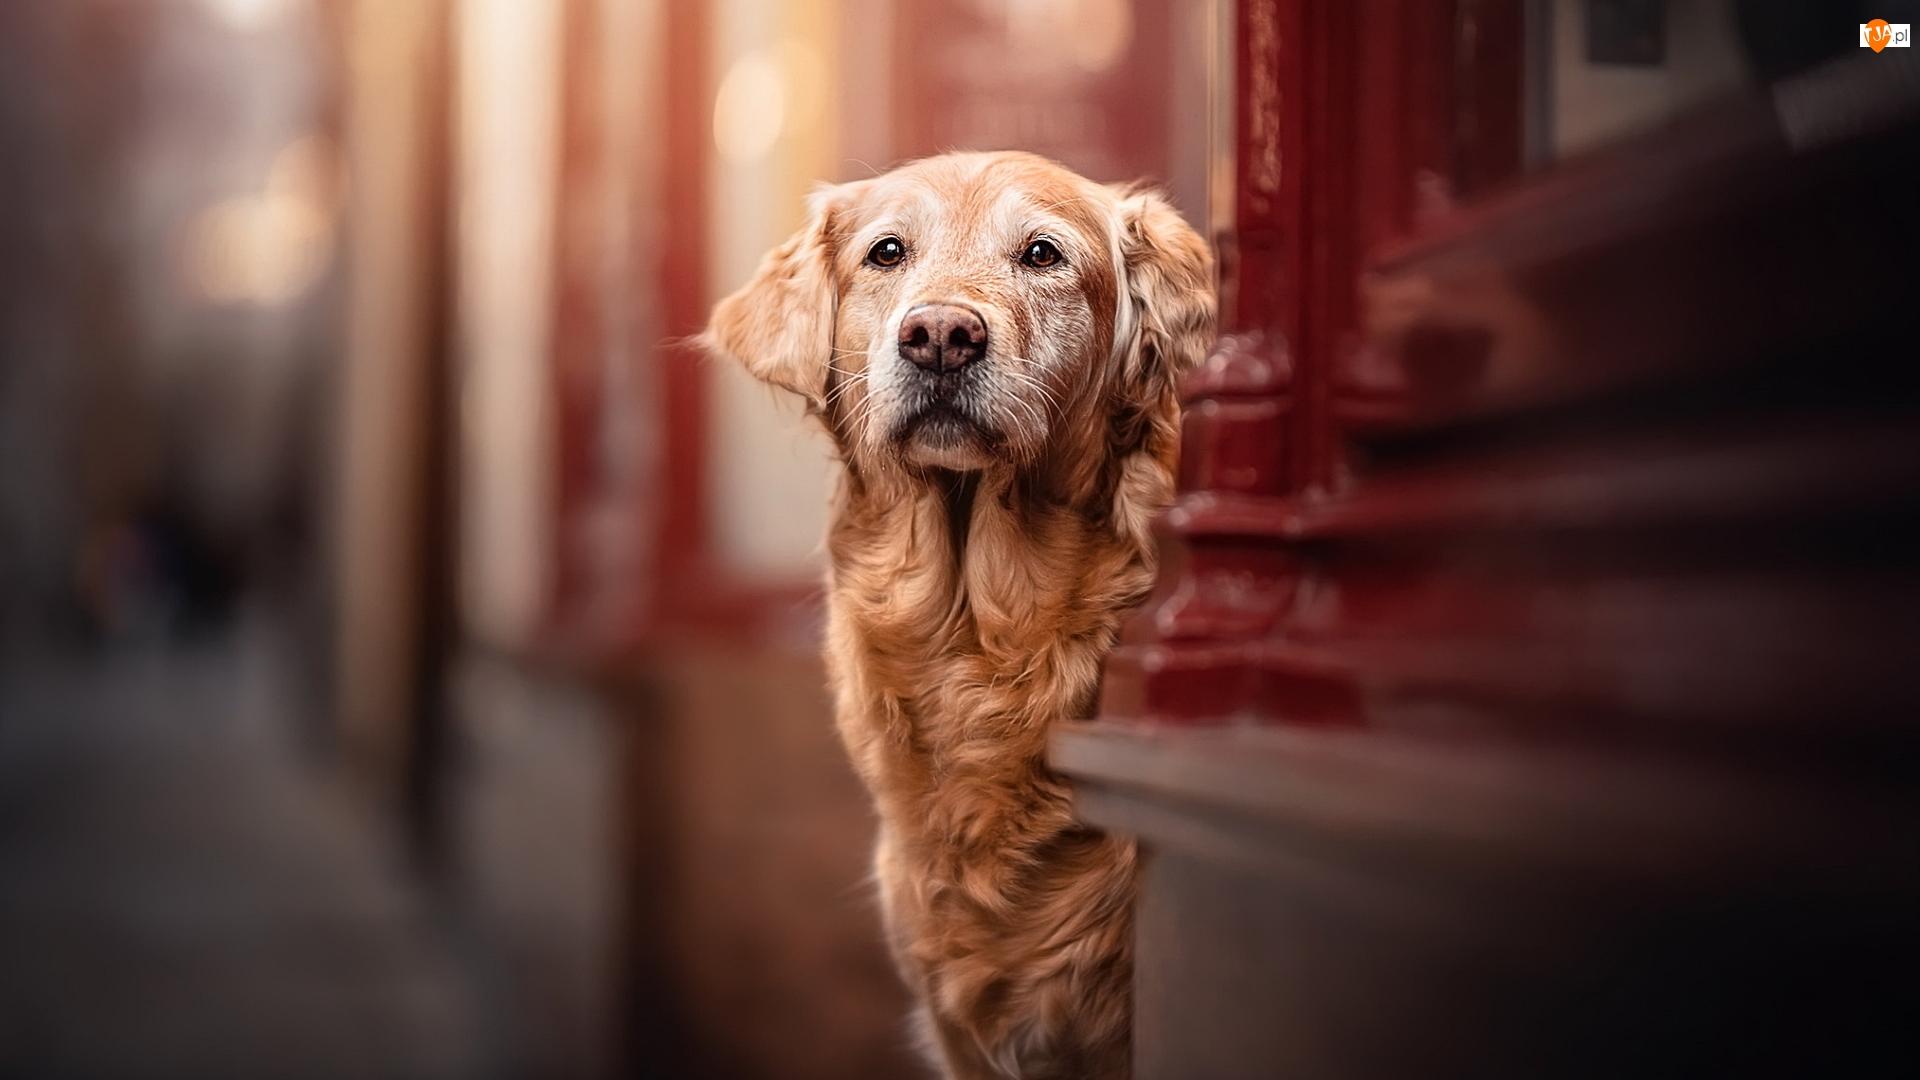 Ściana, Pies, Golden retriever